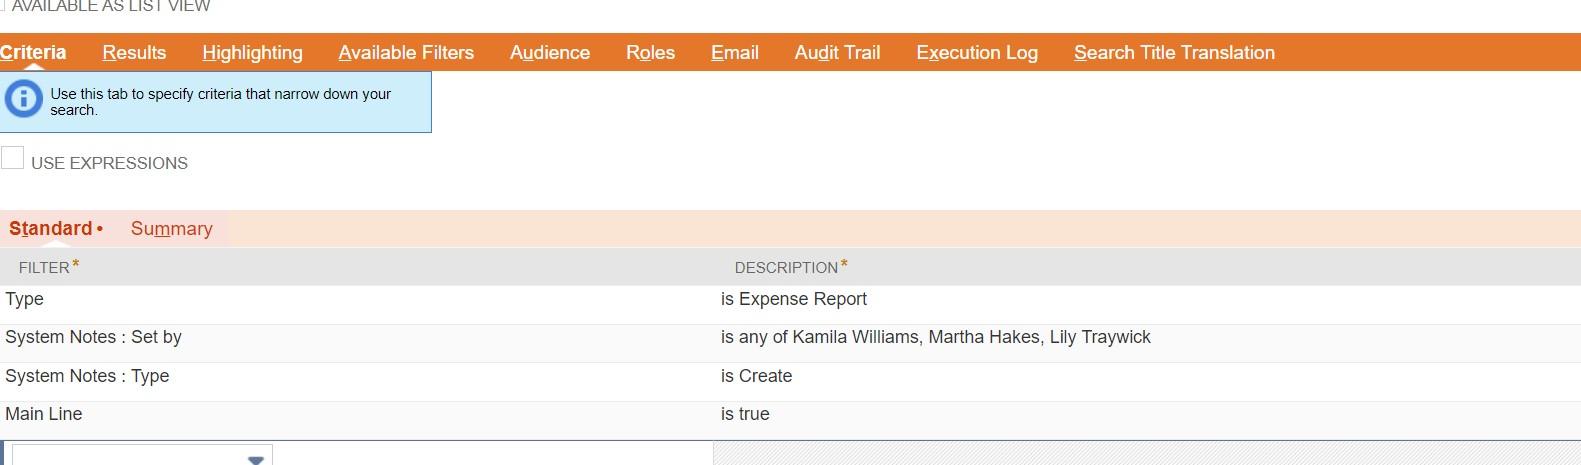 Search Criteria Exp Report.jpg